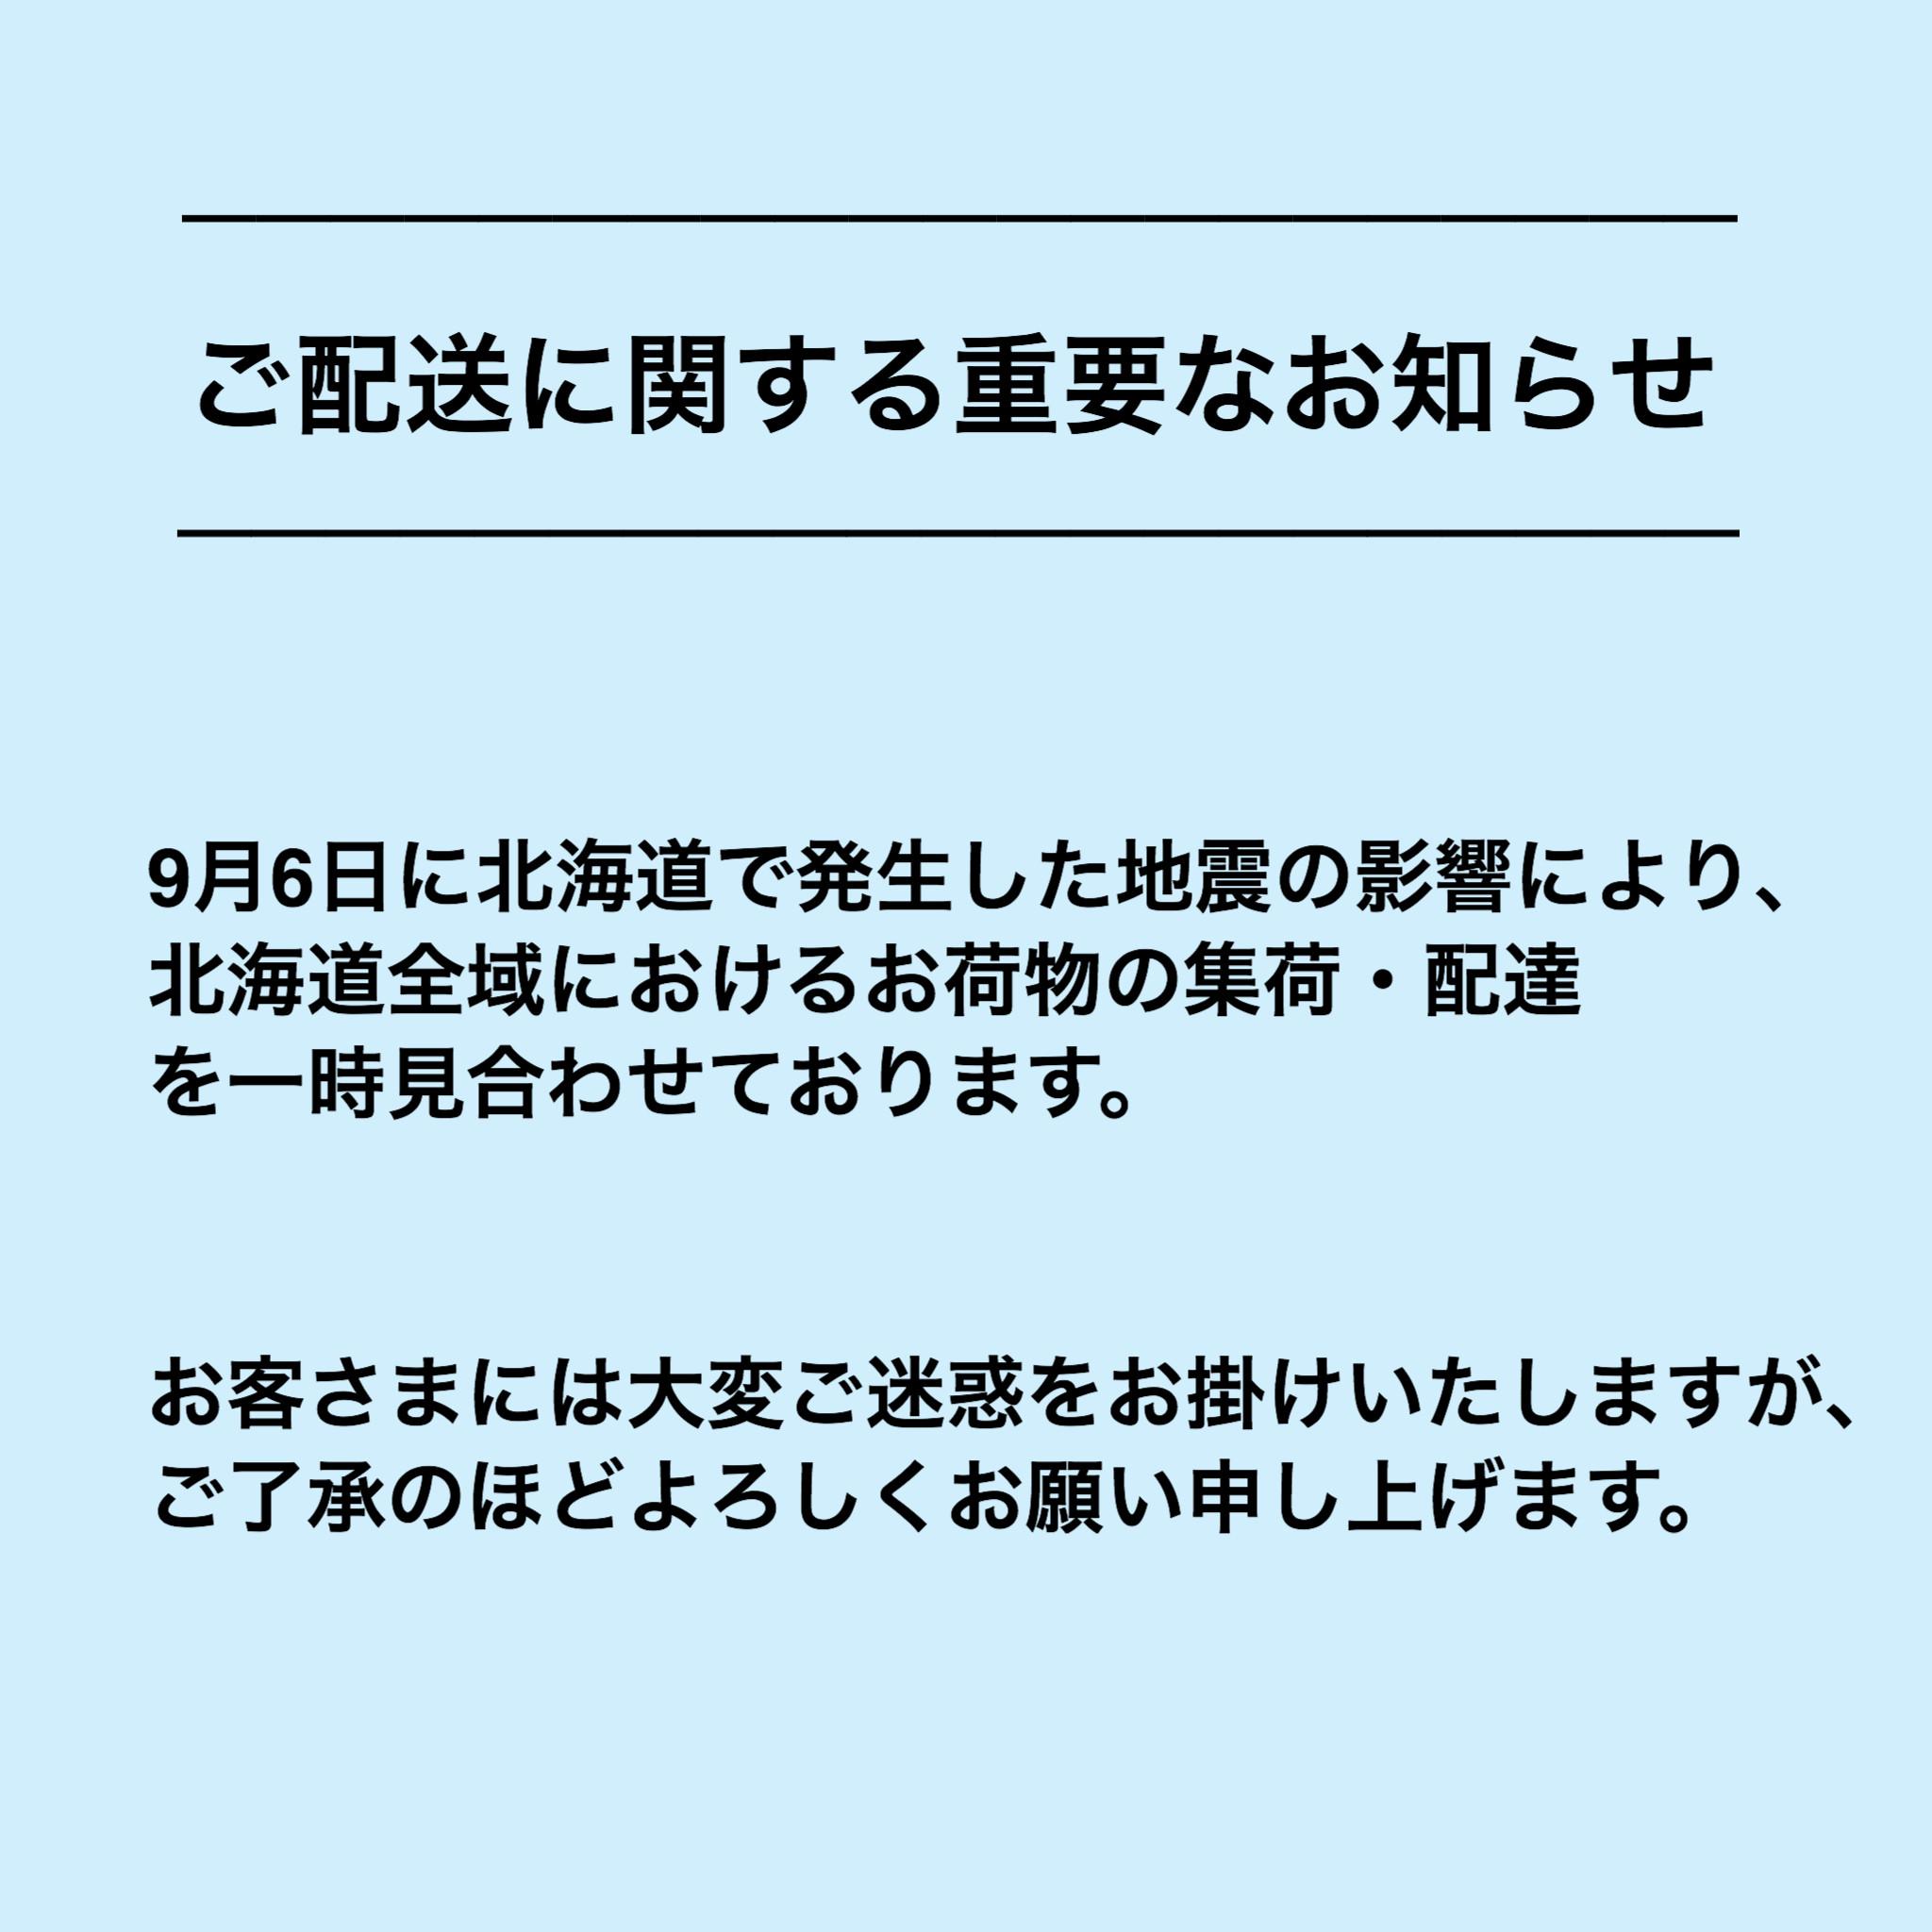 ご配送に関する重要なお知らせ